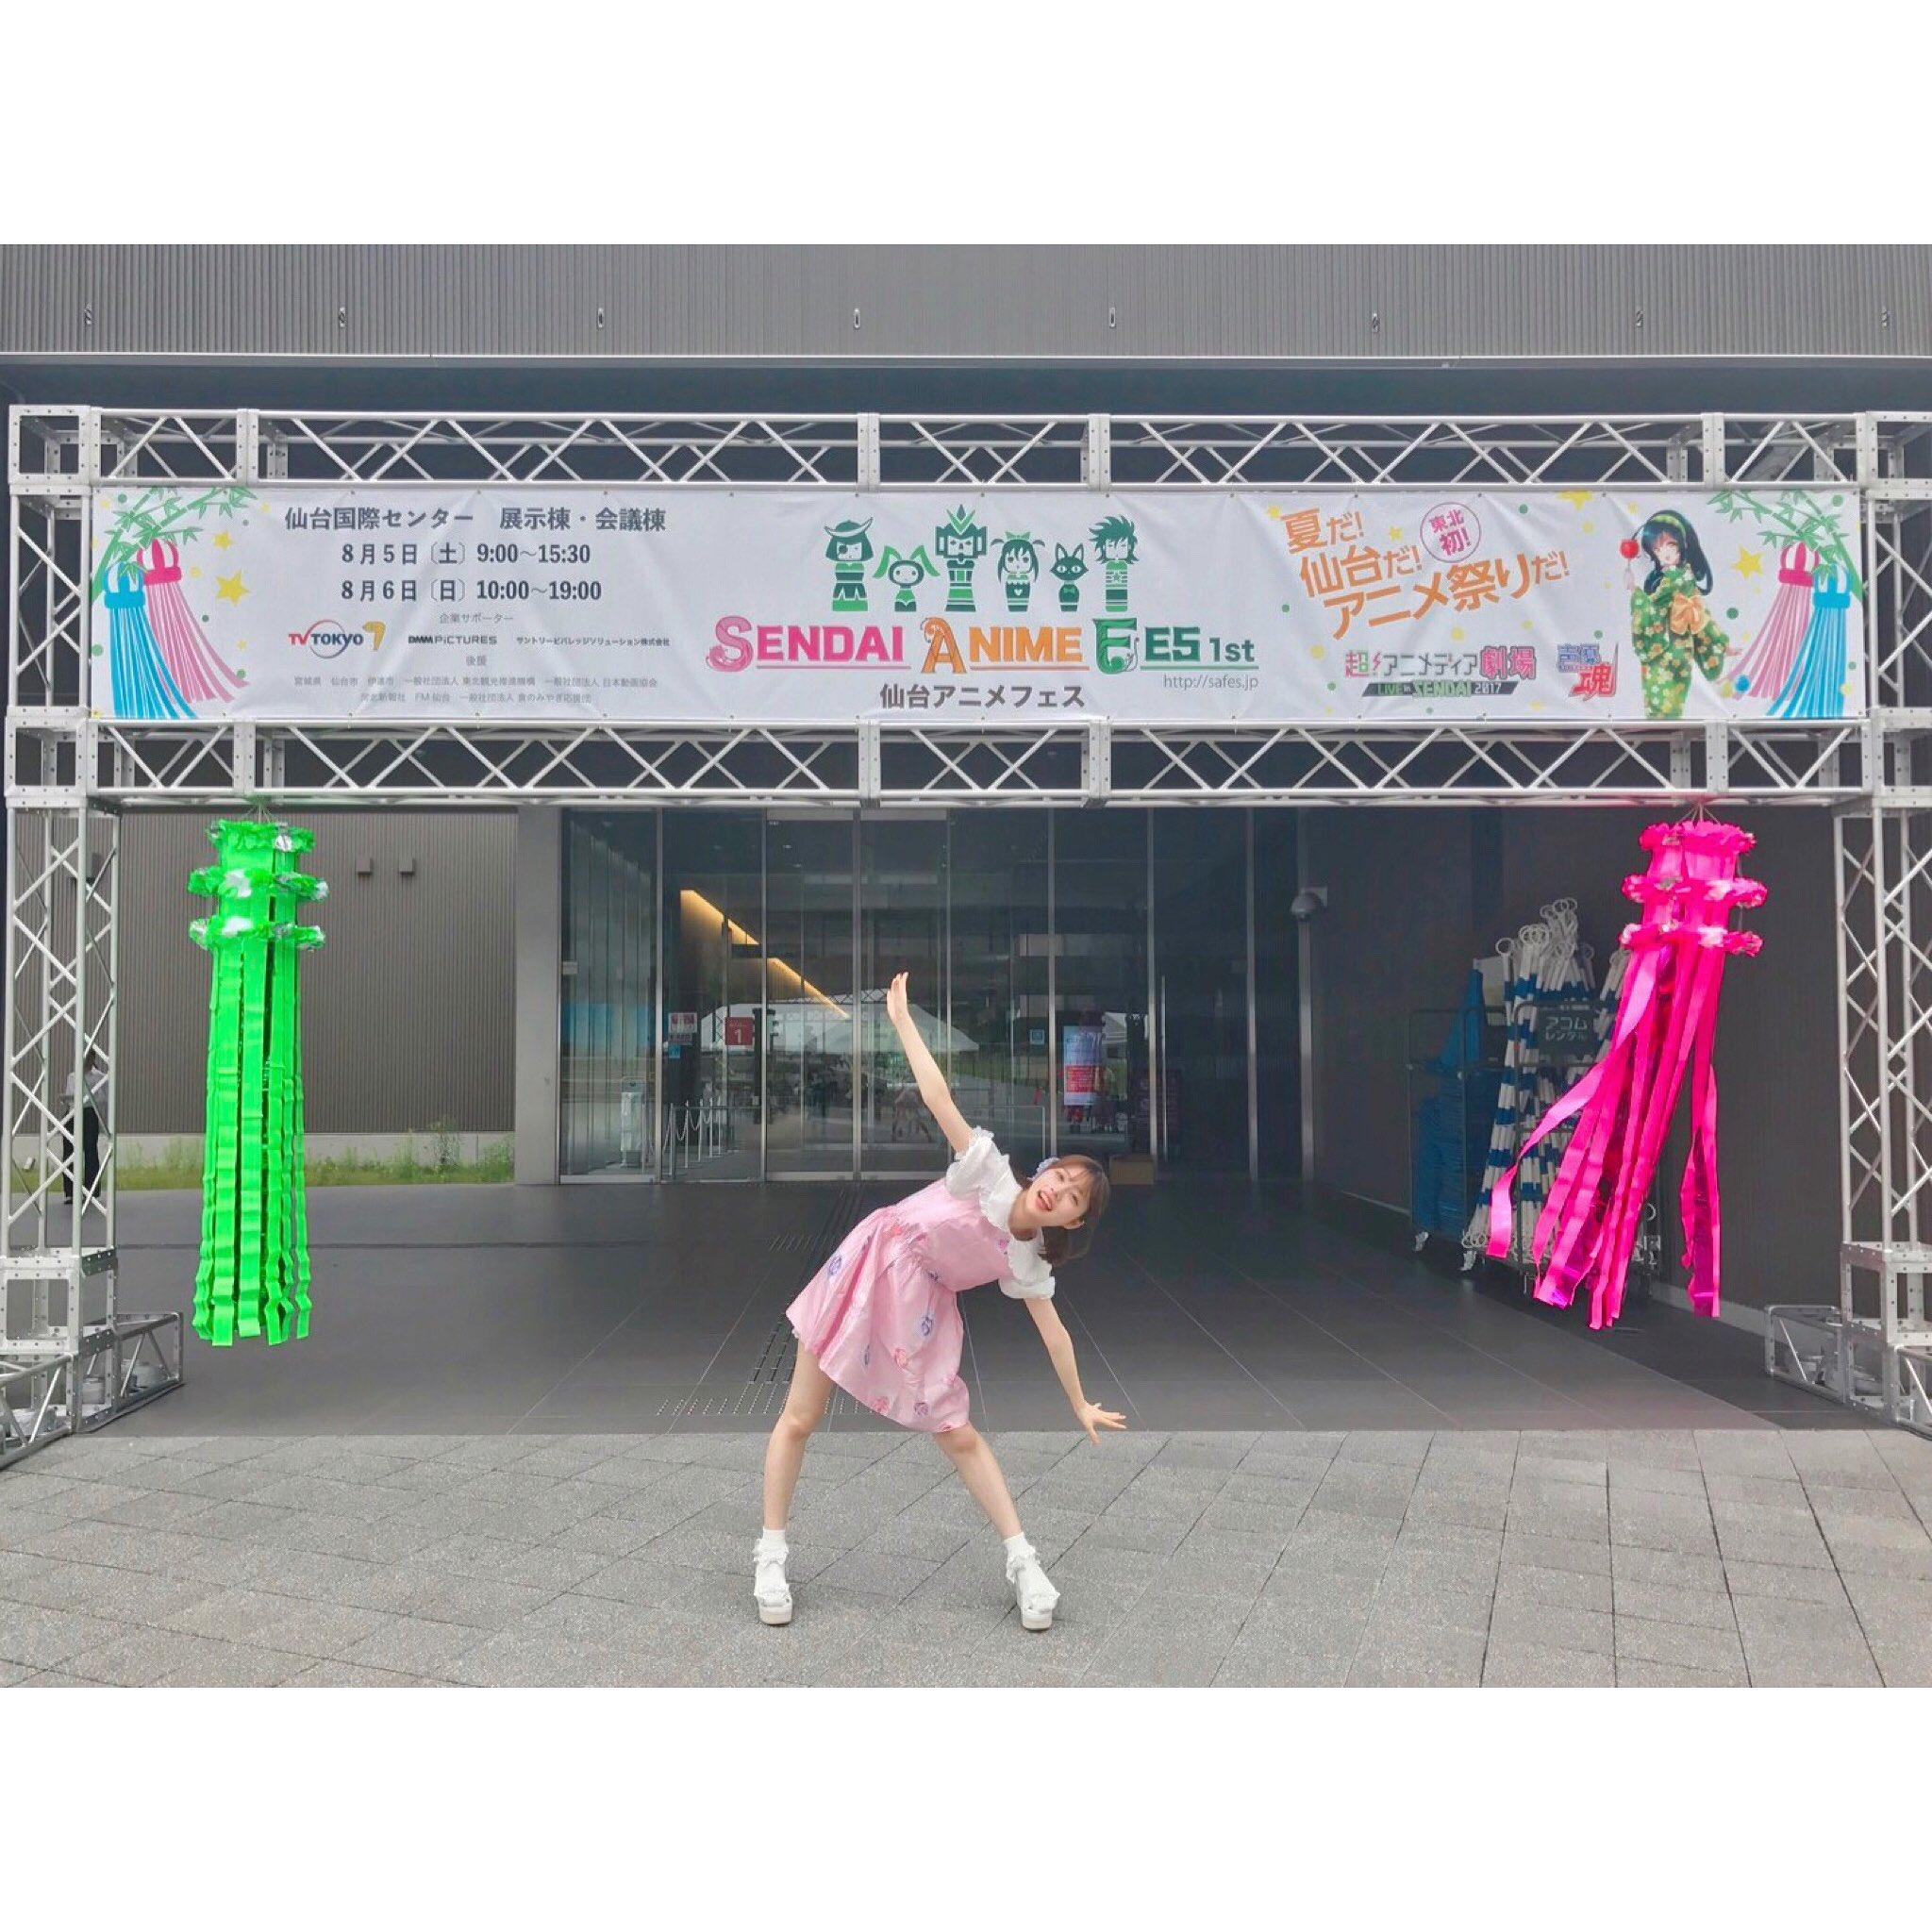 仙台アニメフェス礒部花凜